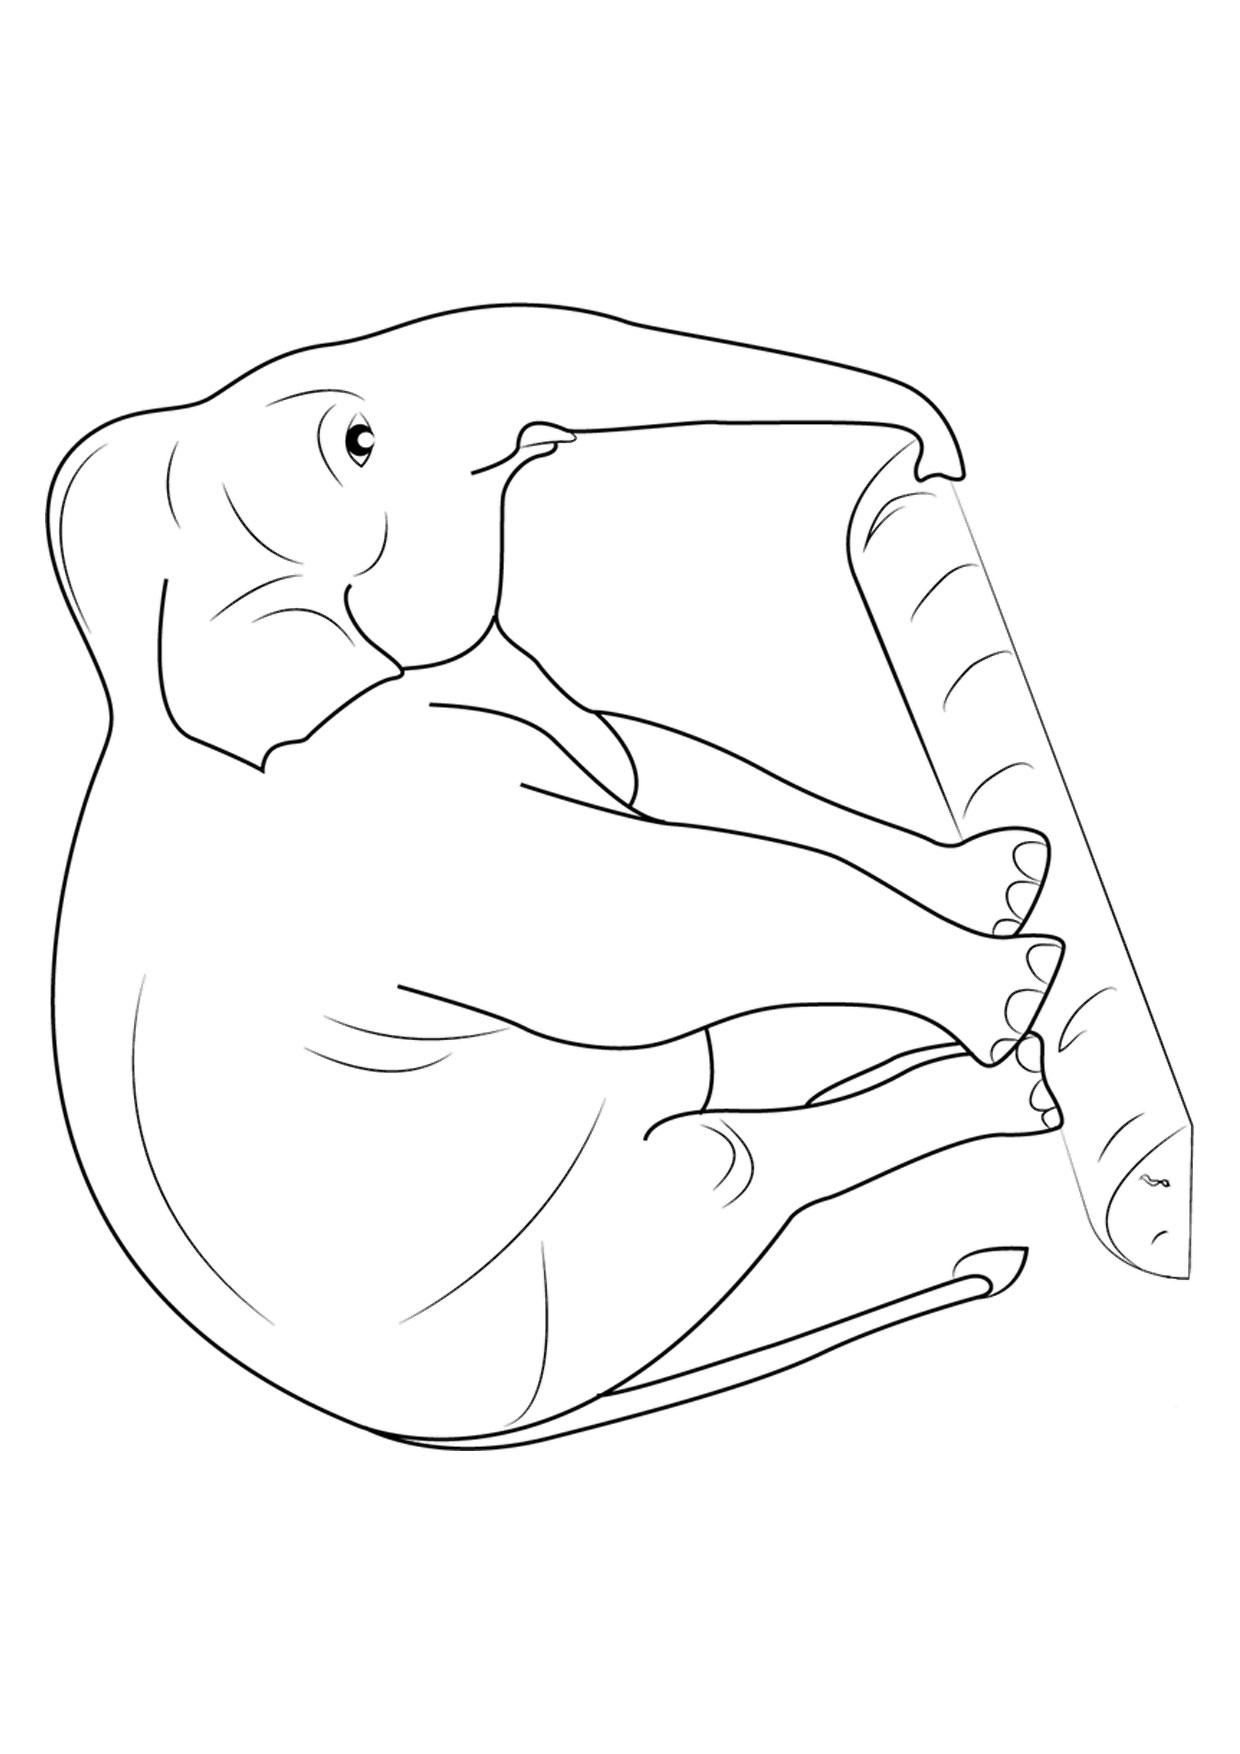 Disegno di elefanti da colorare 17